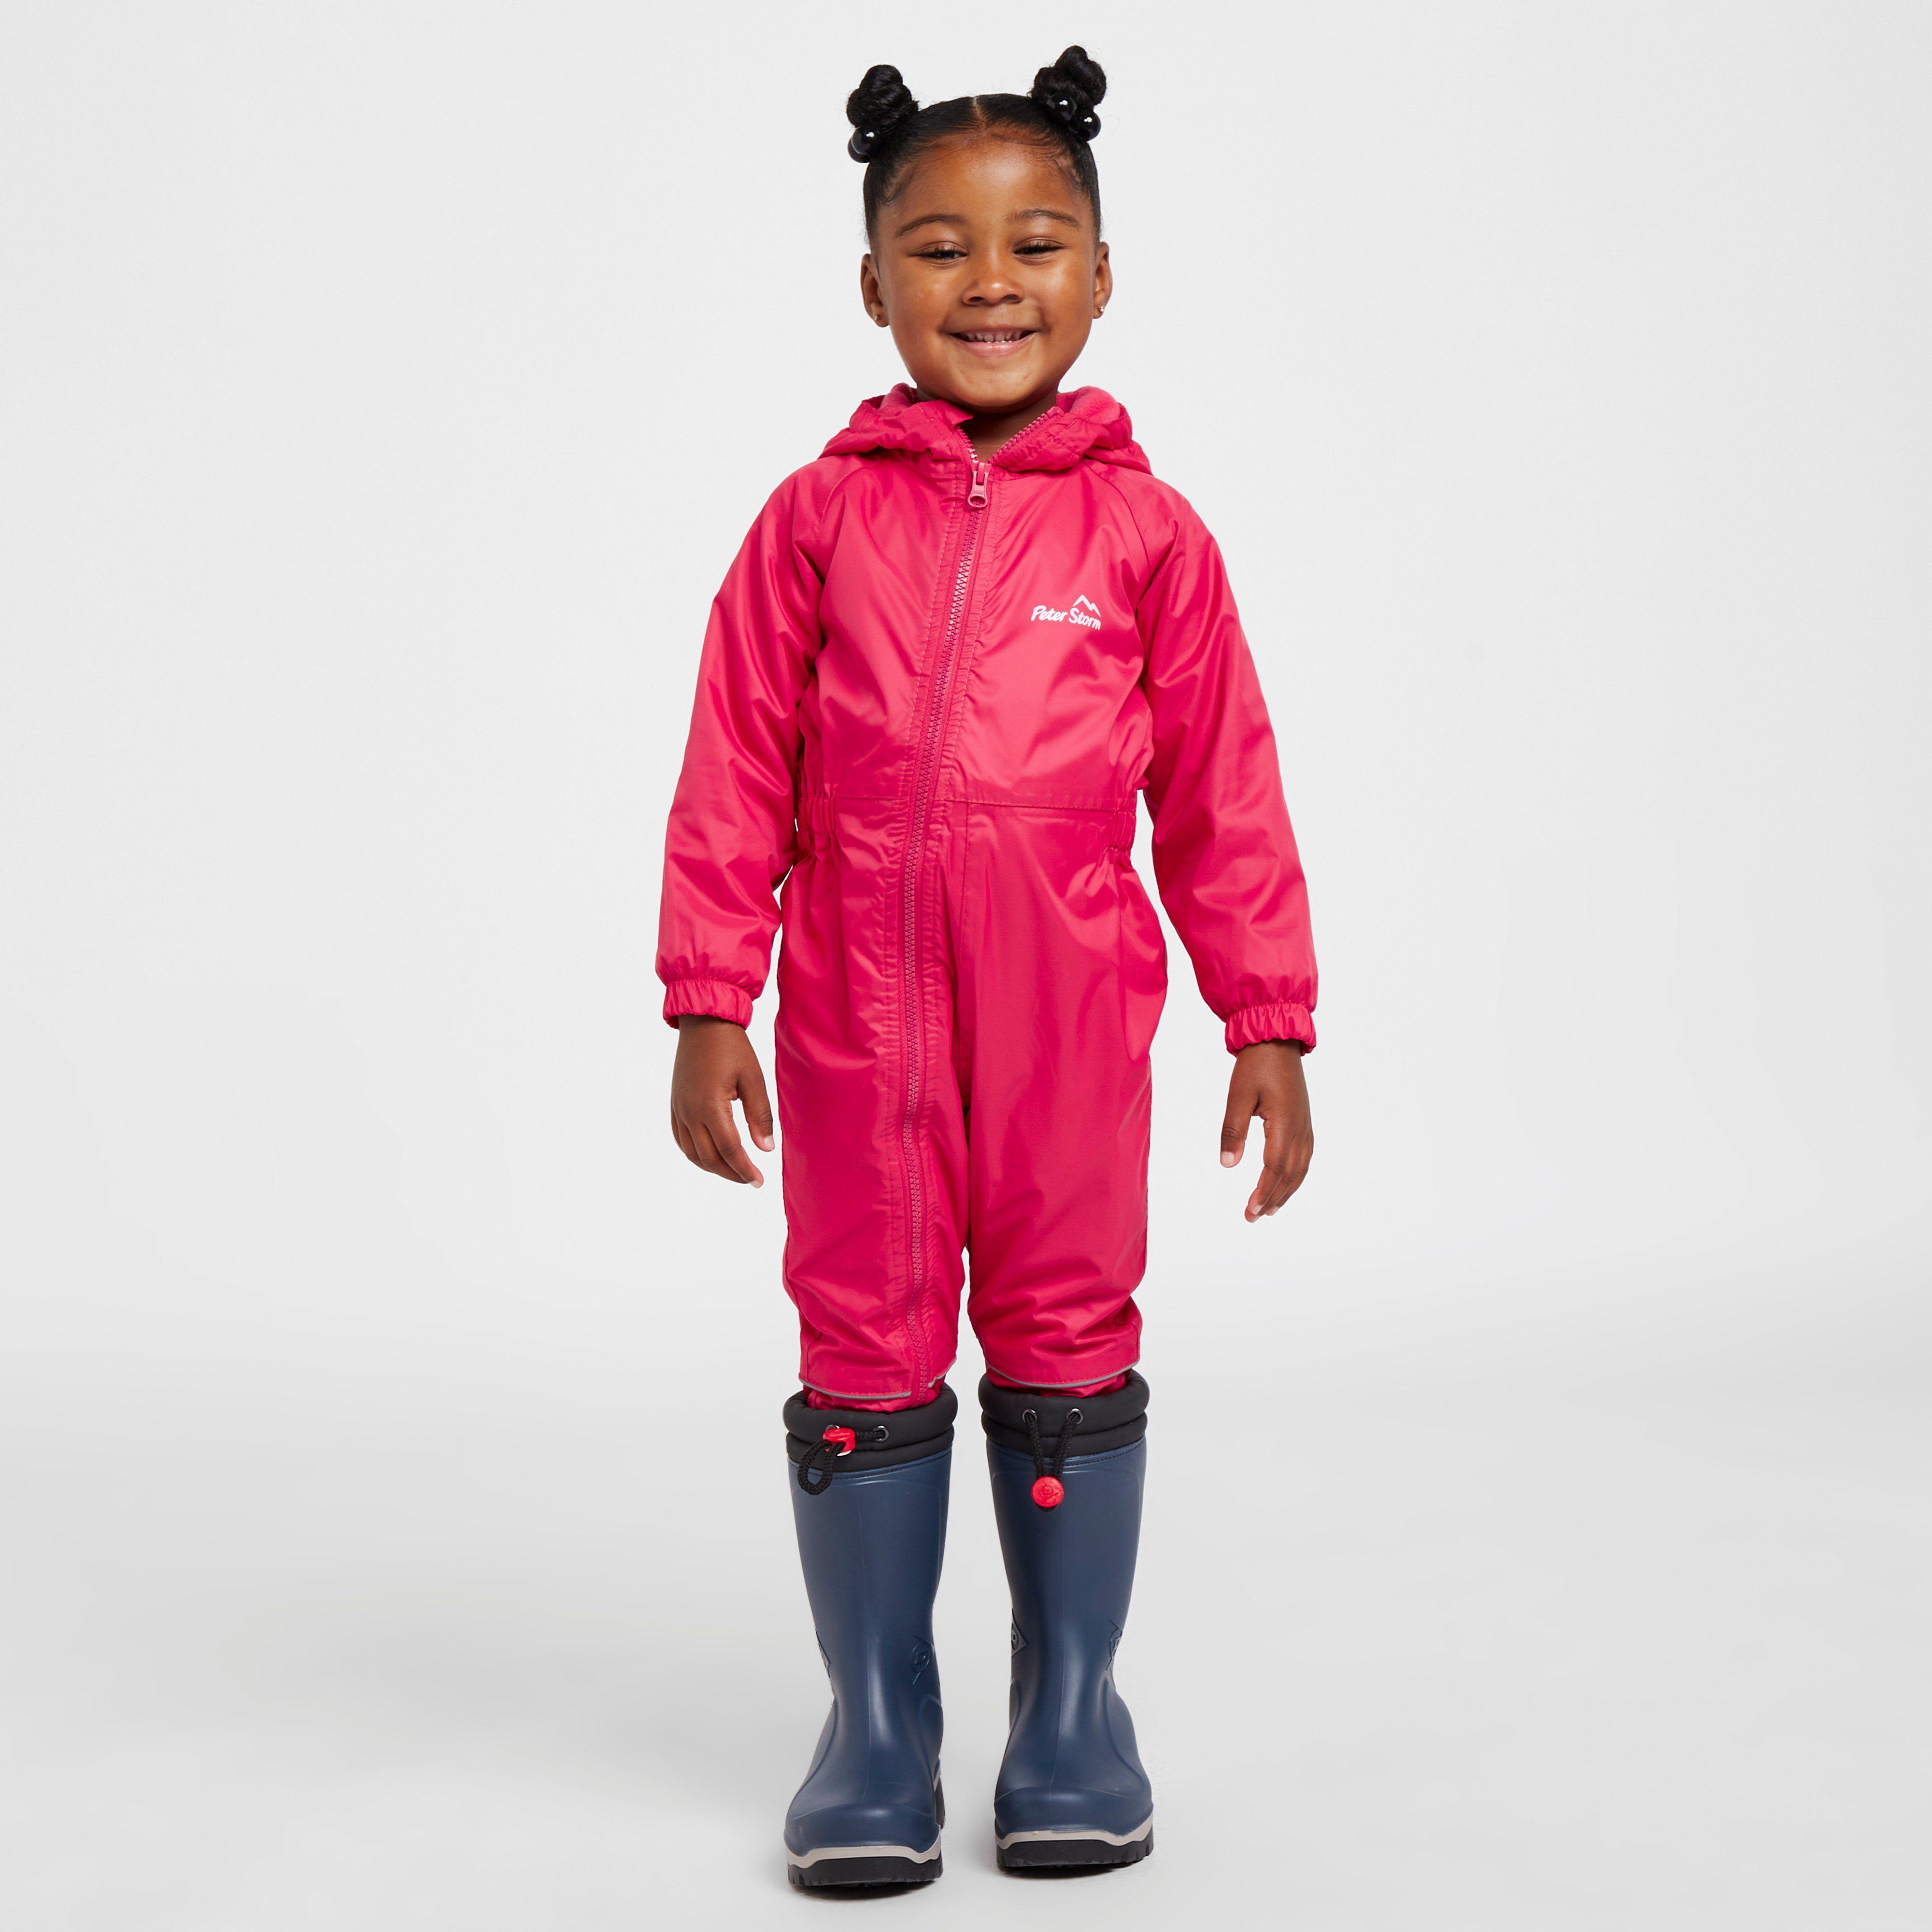 PETER STORM Infants' Fleece Lined Waterproof Suit